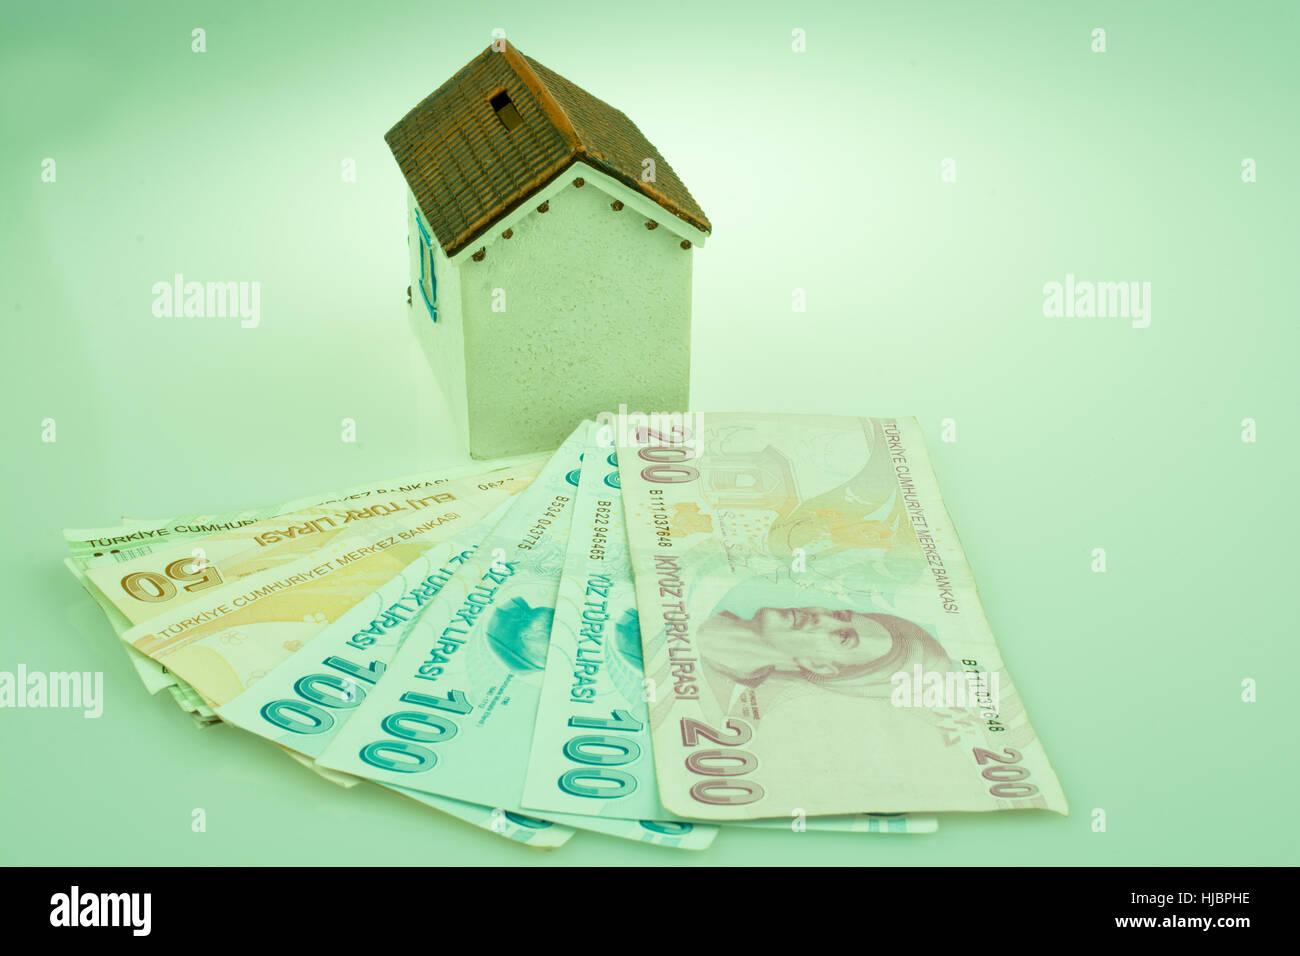 Billets Lire turque par le côté d'un modèle de maison sur fond blanc Photo Stock